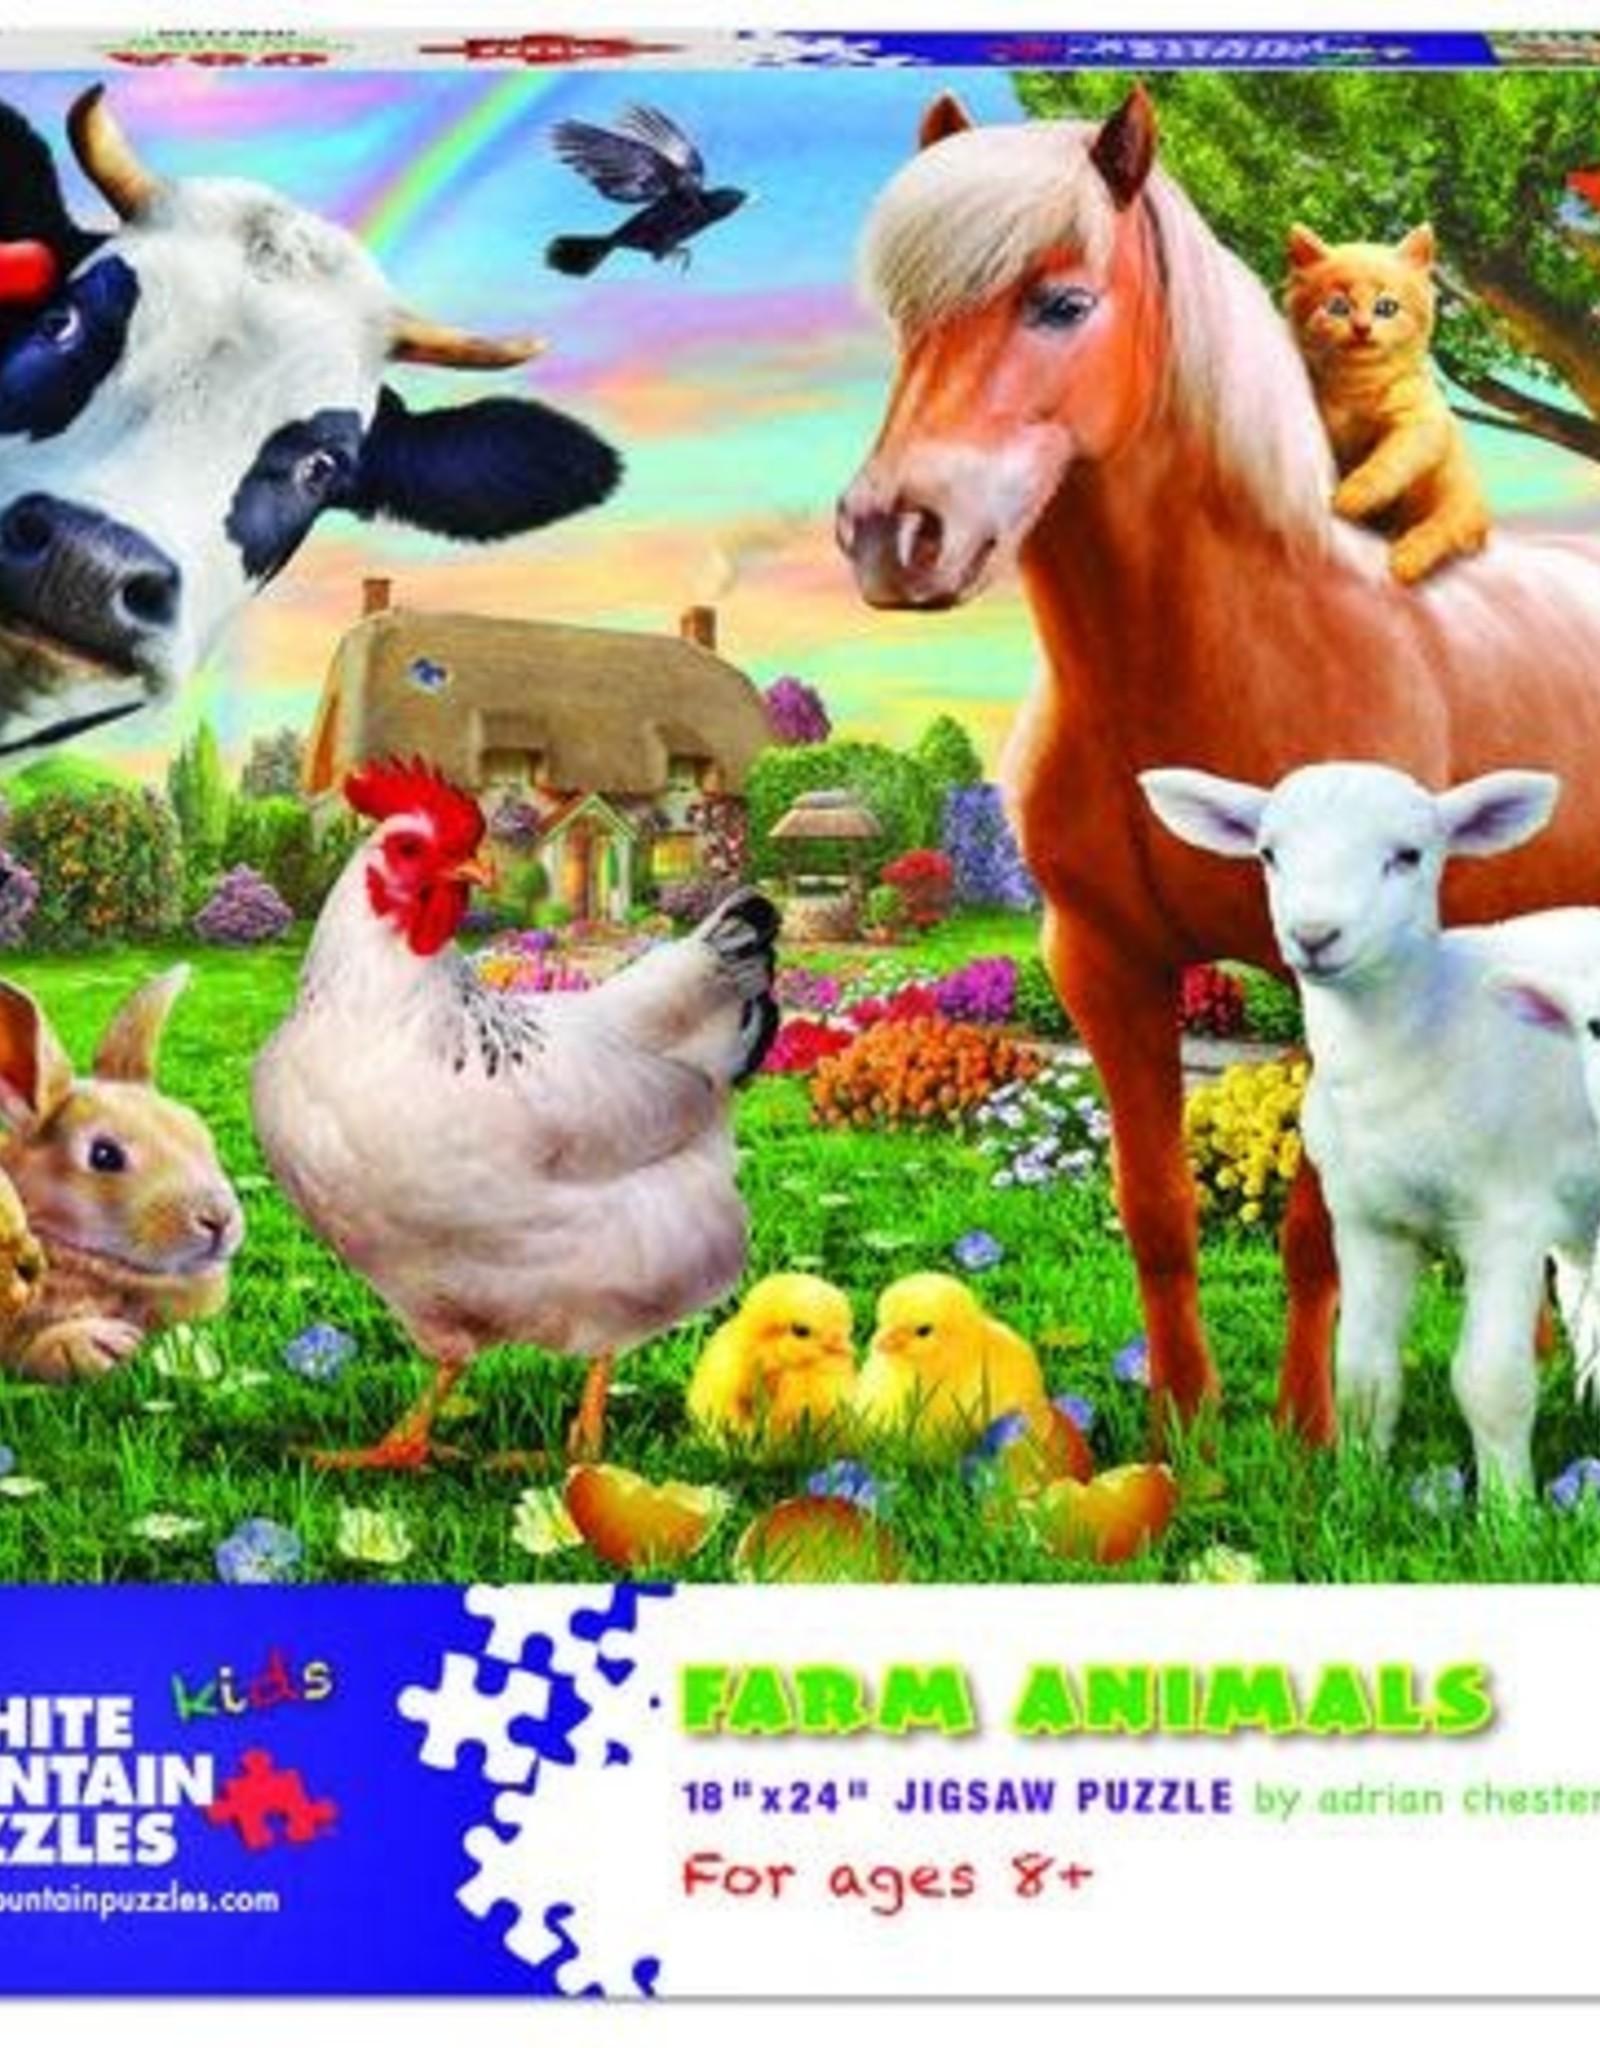 White Mountain Puzzles Farm Animals 300pc Puzzle